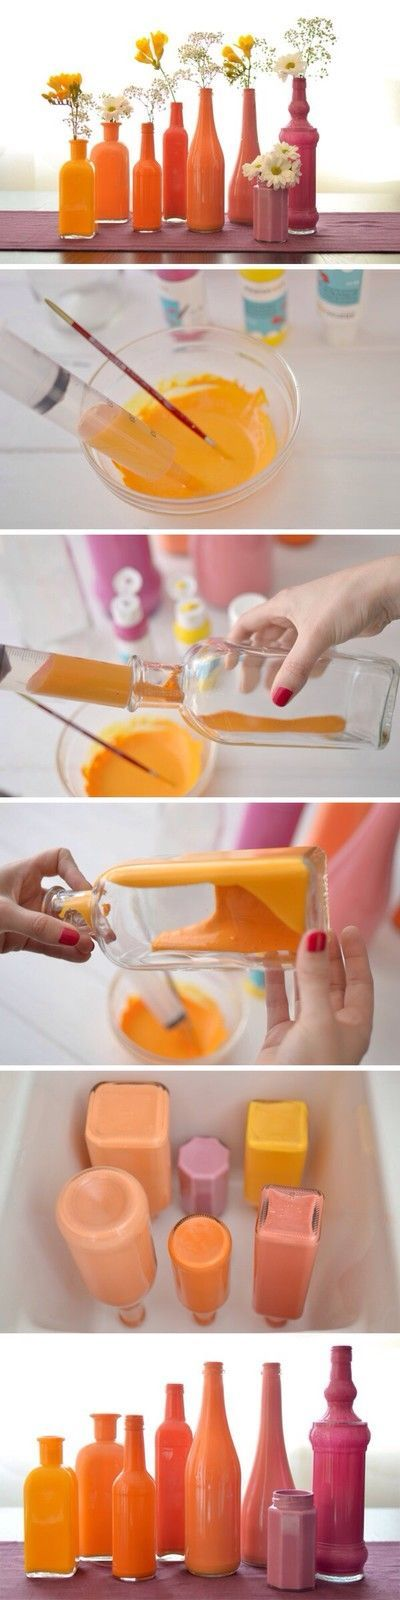 Crea coloratissimi vasi per fiori da vecchie bottiglie o barattoli di vetro